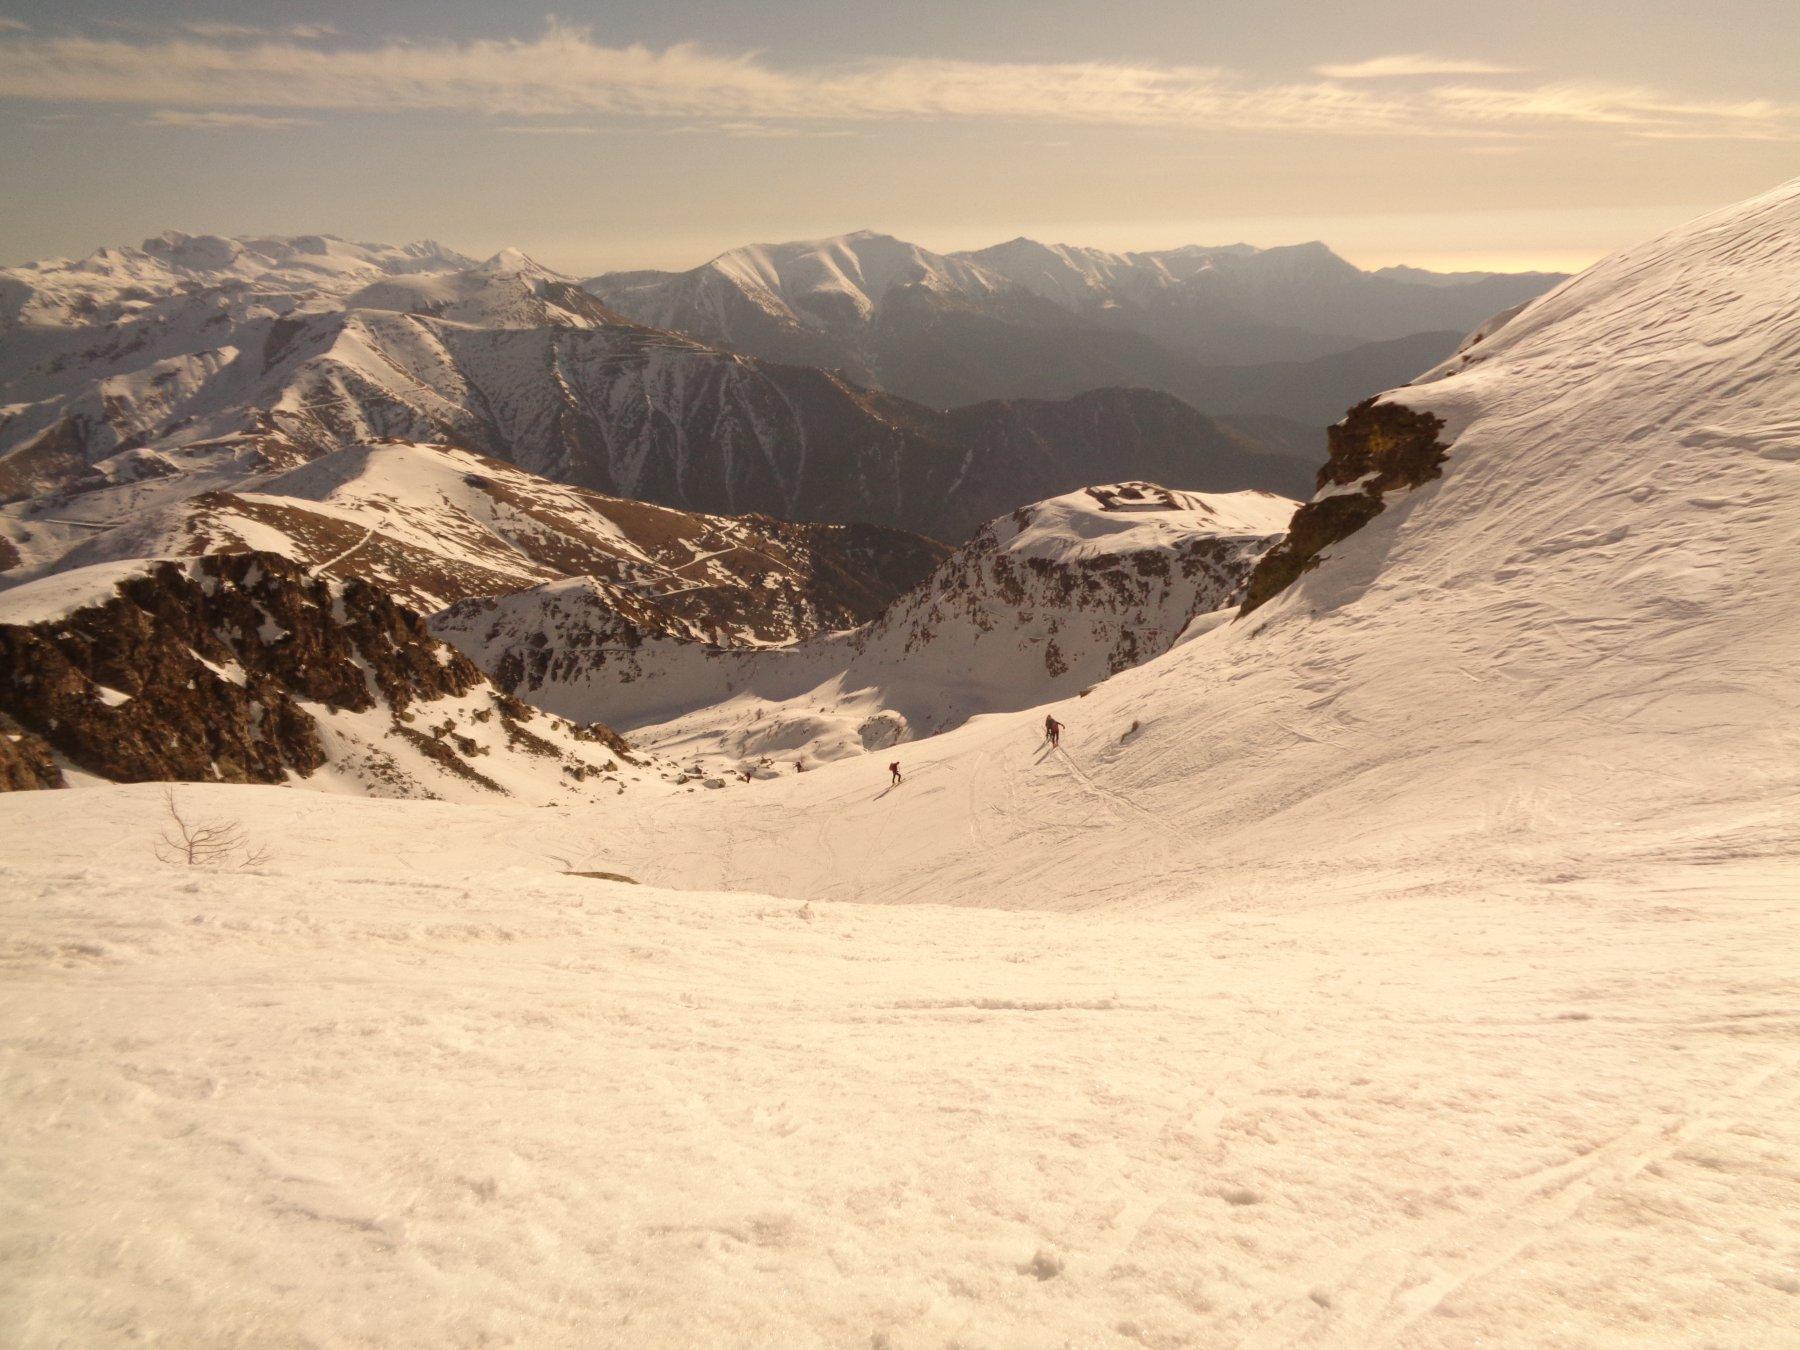 vista dalla parte alta del percorso